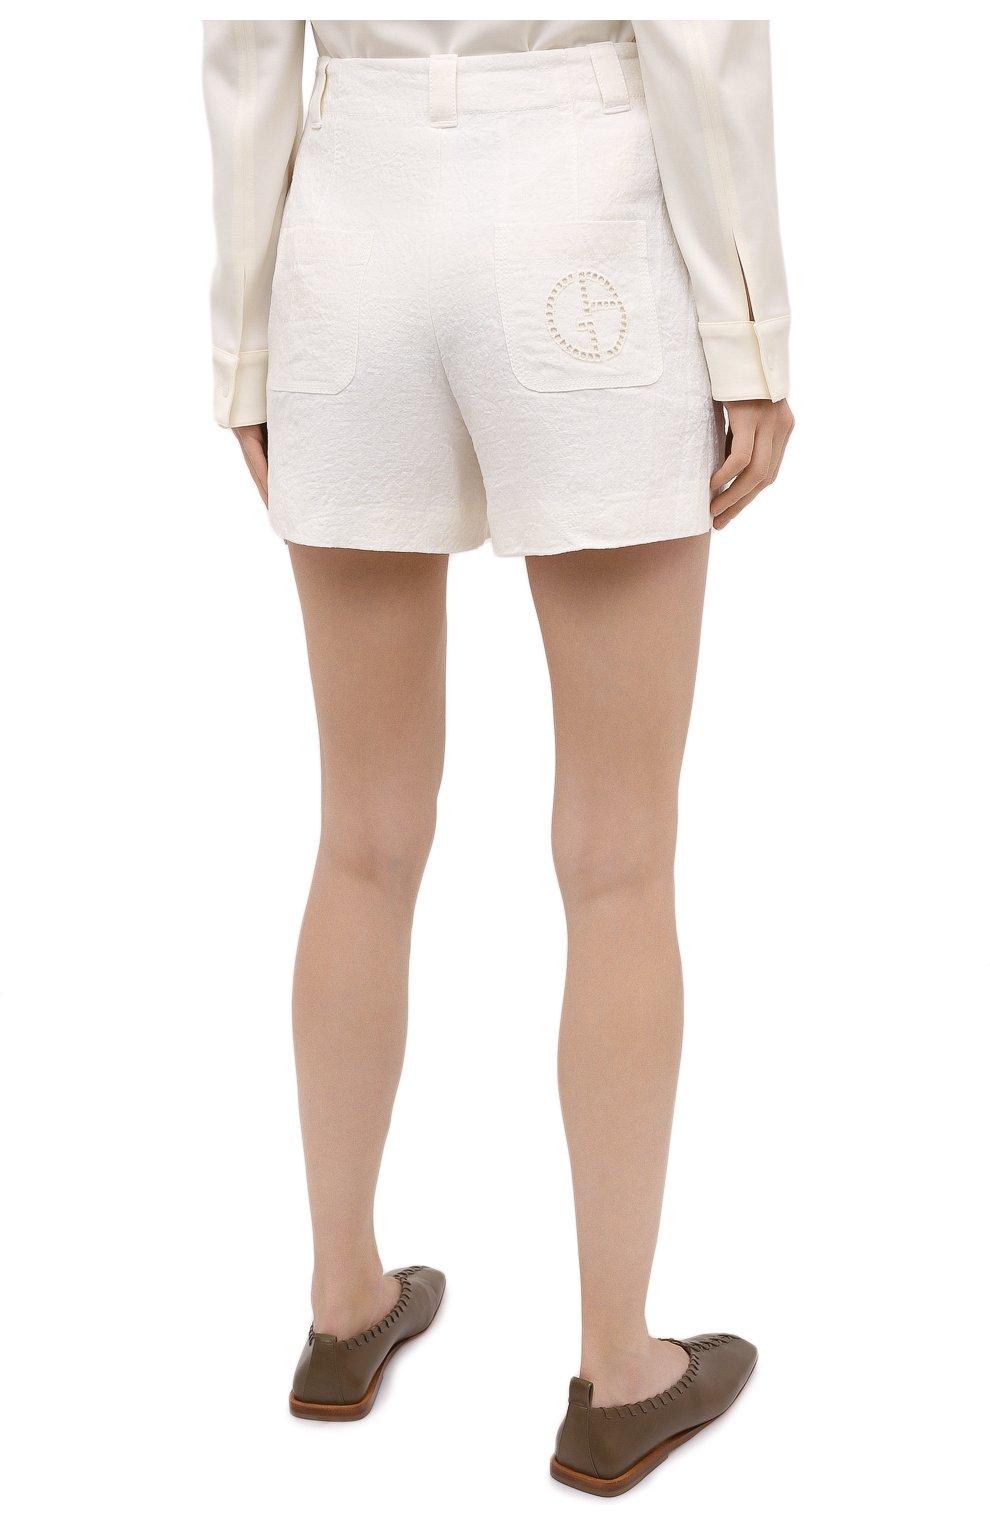 Женские льняные шорты GIORGIO ARMANI белого цвета, арт. 0WHPB00G/T022Q | Фото 4 (Женское Кросс-КТ: Шорты-одежда; Длина Ж (юбки, платья, шорты): Мини; Материал внешний: Лен; Материал подклада: Хлопок; Стили: Кэжуэл)